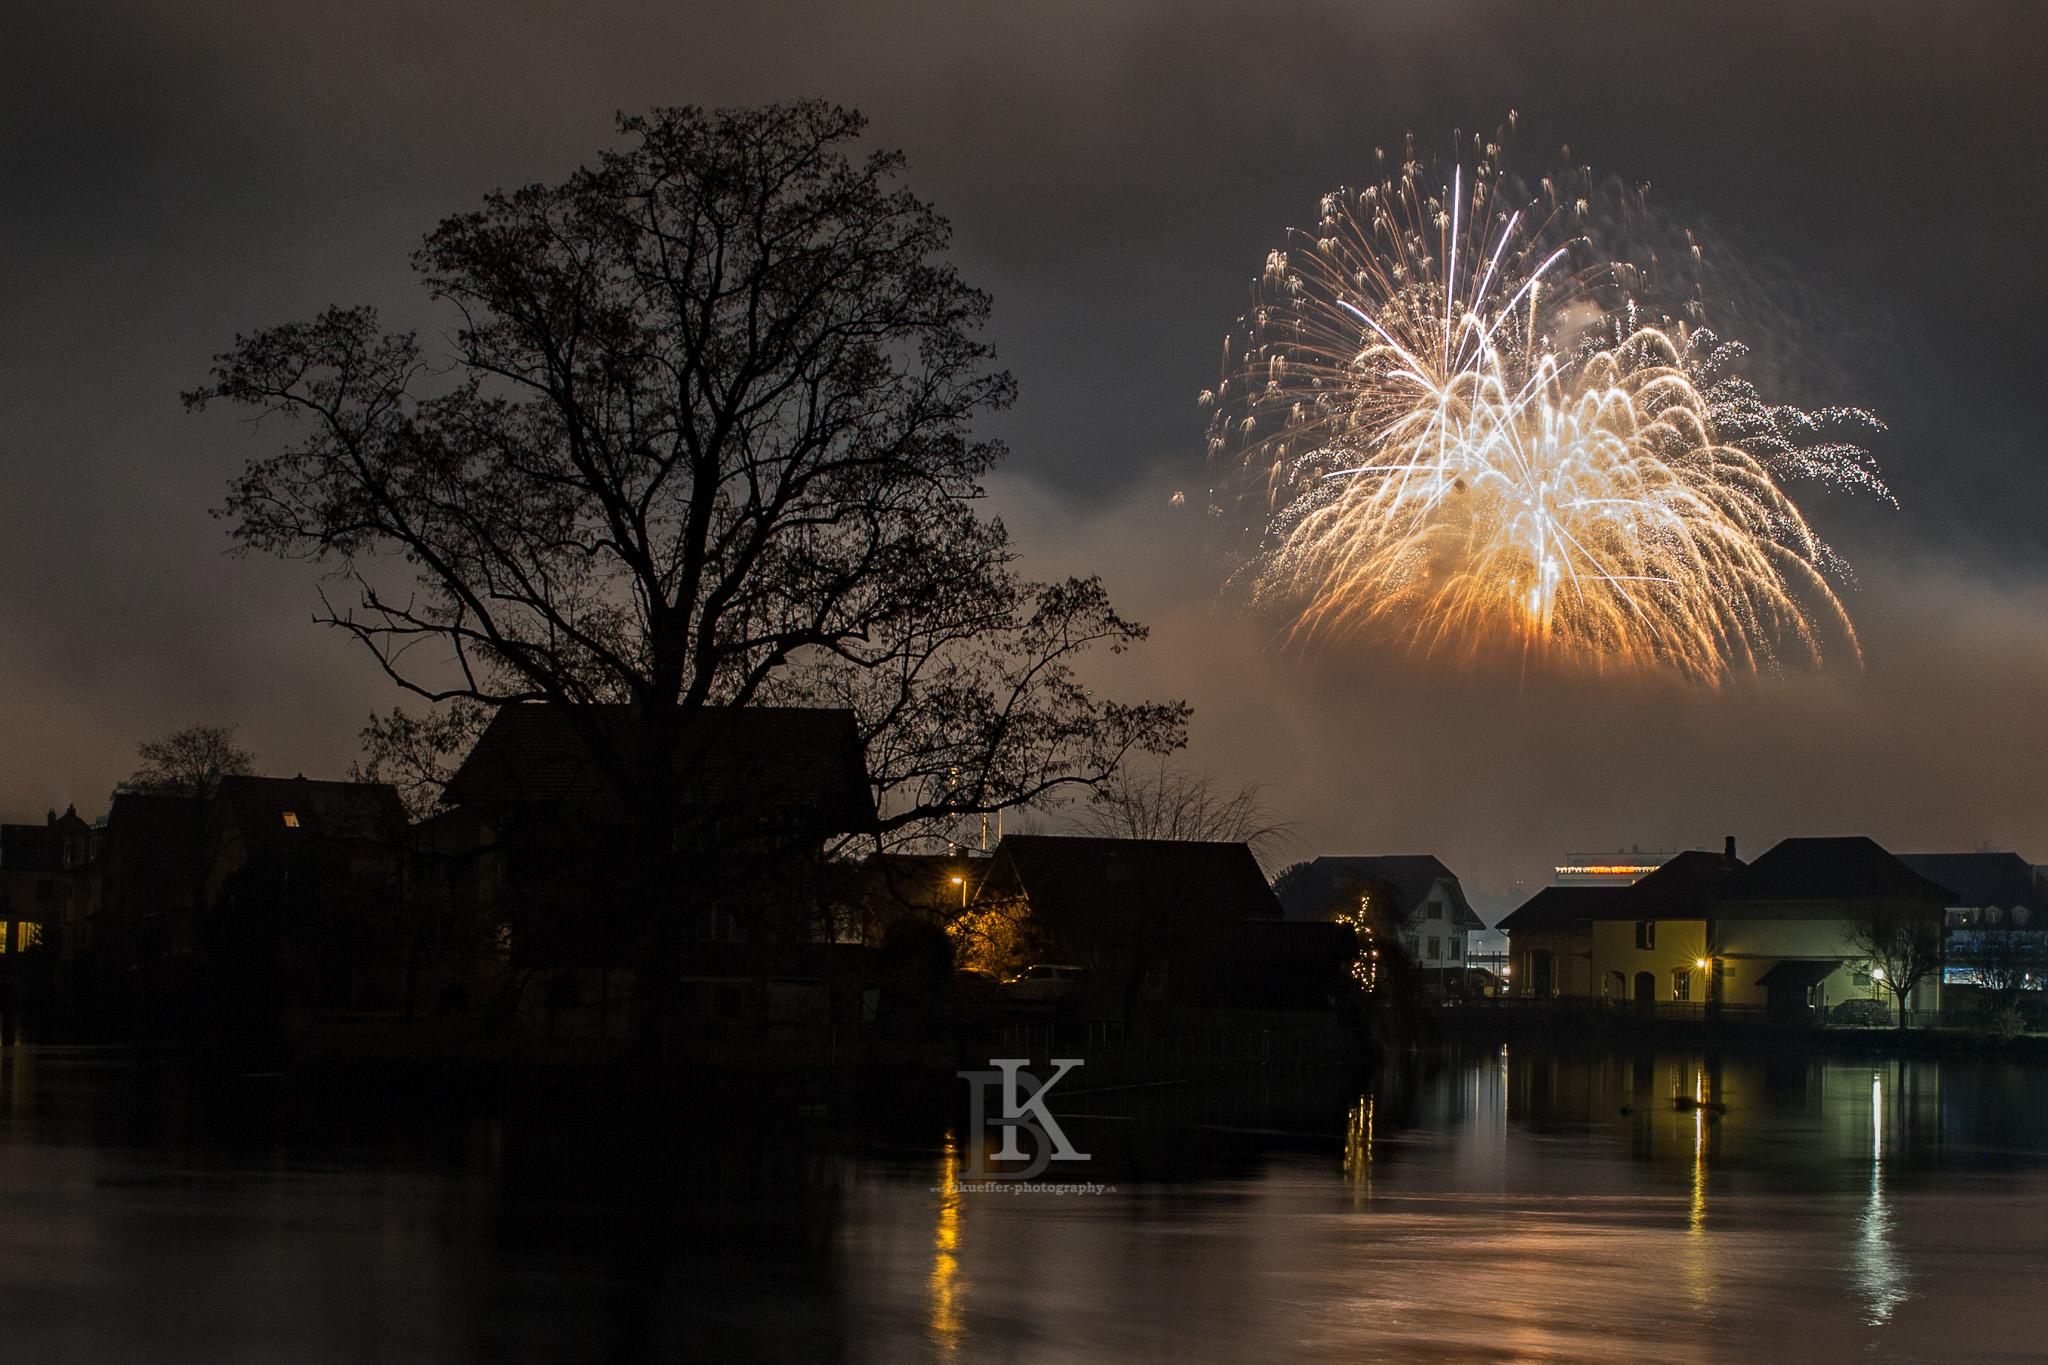 Feuerwerk01012016 (13 von 13)